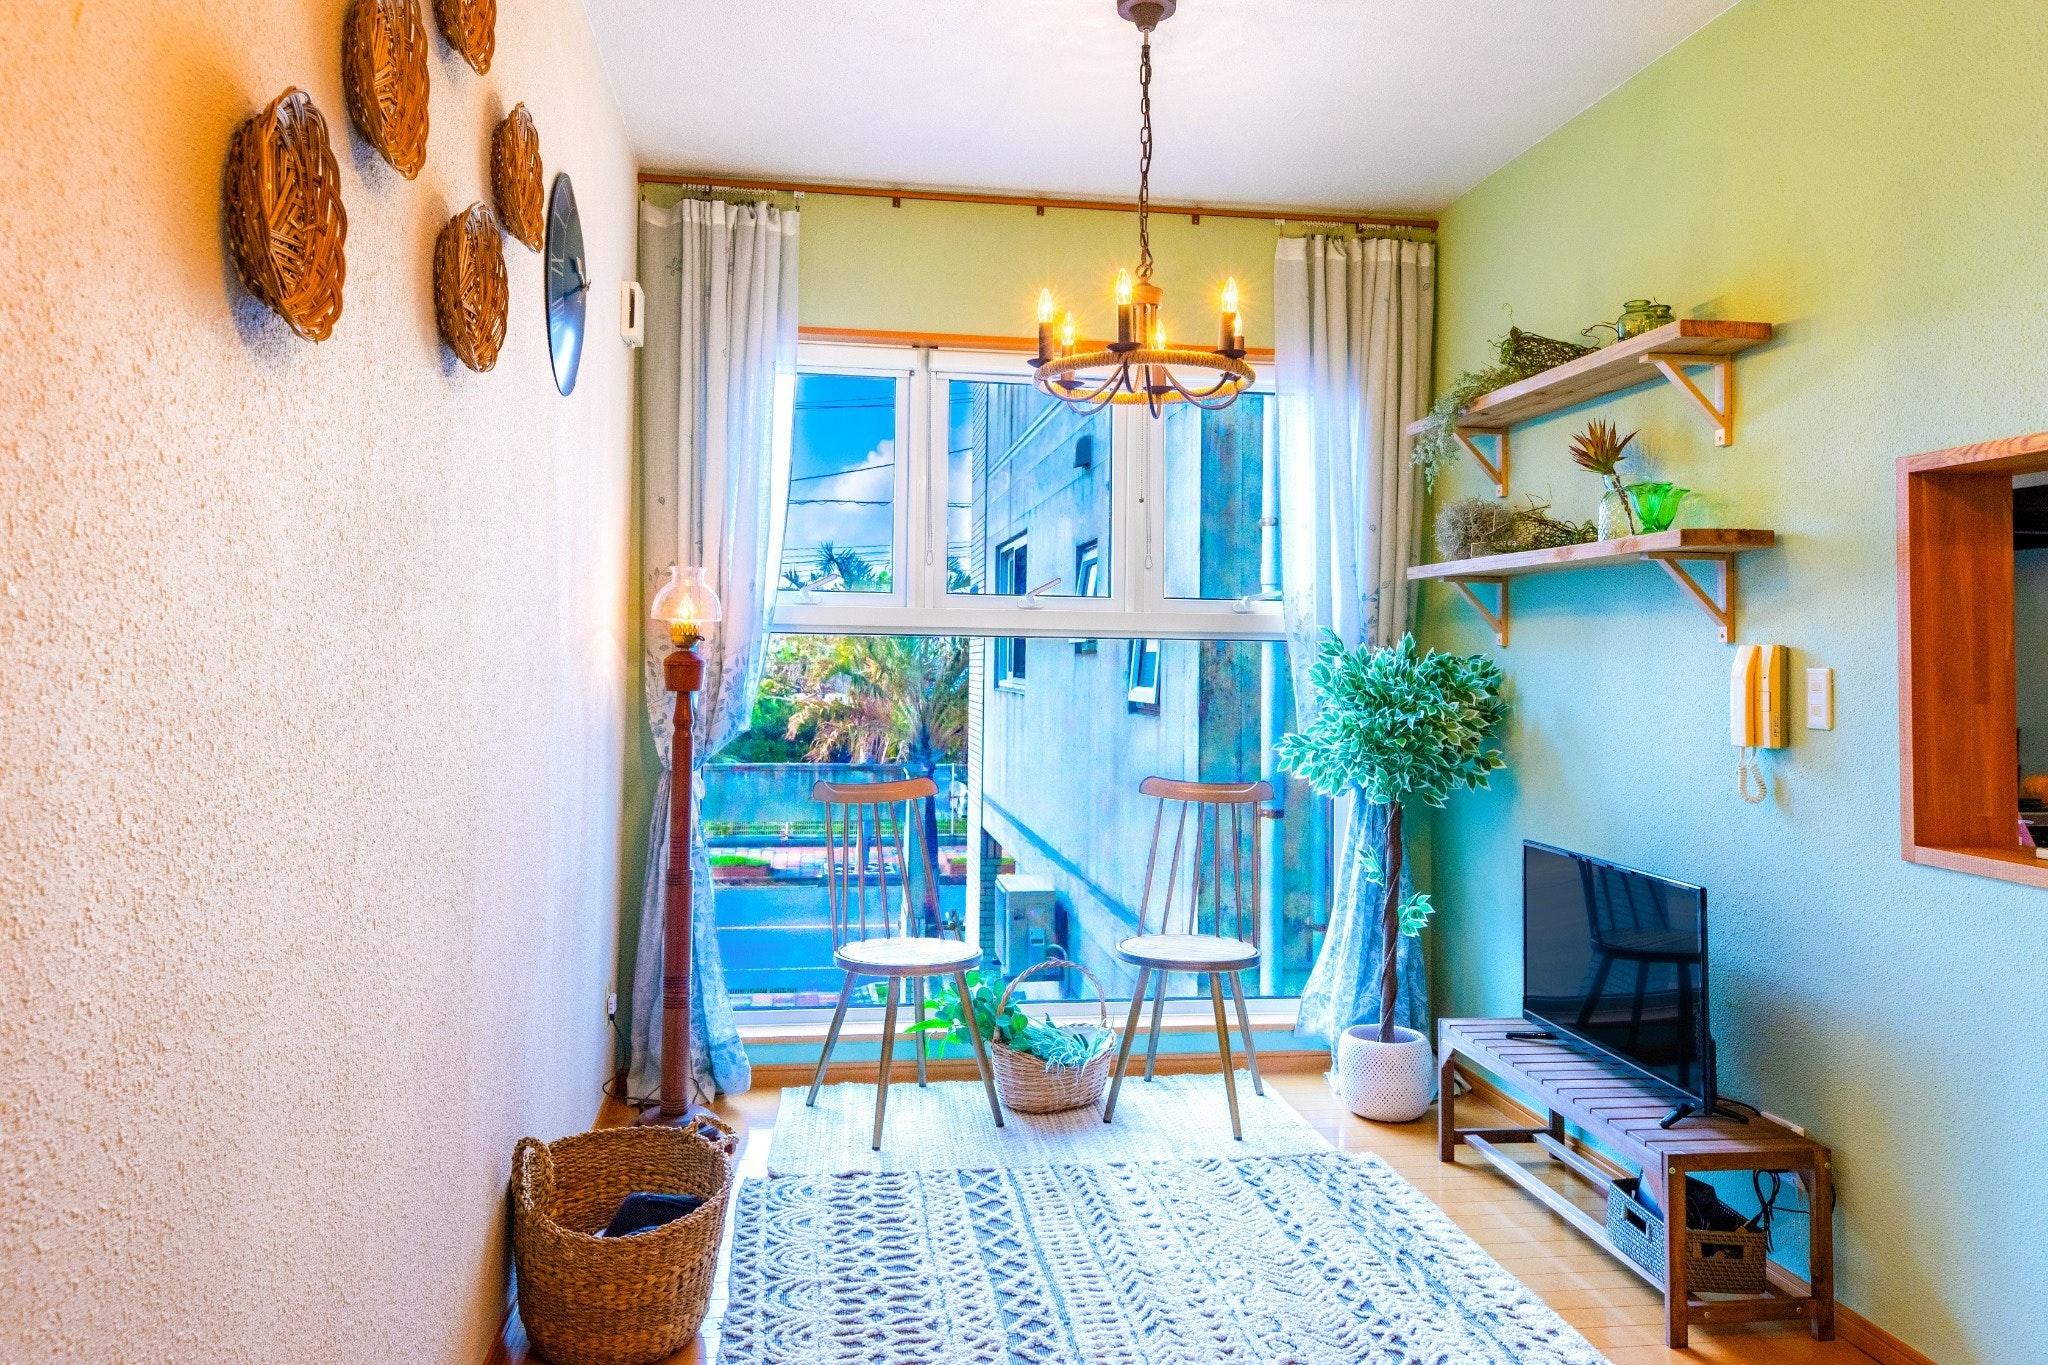 沖縄北部をたっぷり満喫!ビーチ徒歩圏内・美ら海水族館まで車で10分!屋上でBBQが可能の貸切一軒家!